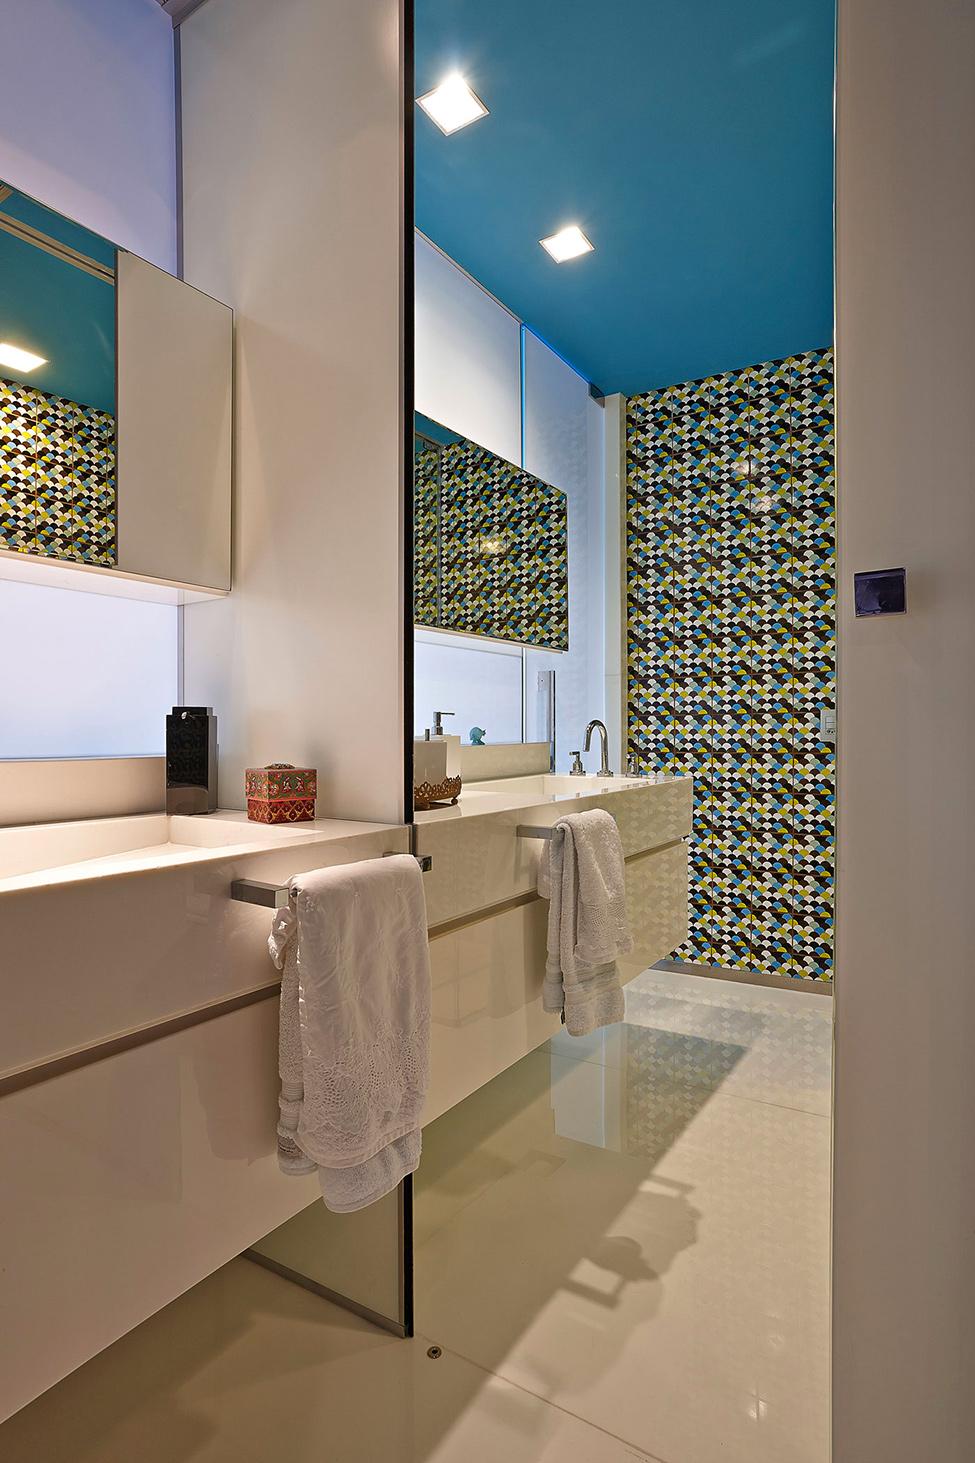 apartament-v-braziliq-pokazva-neveroqten-miks-ot-tsvetove-i-teksturi-913g